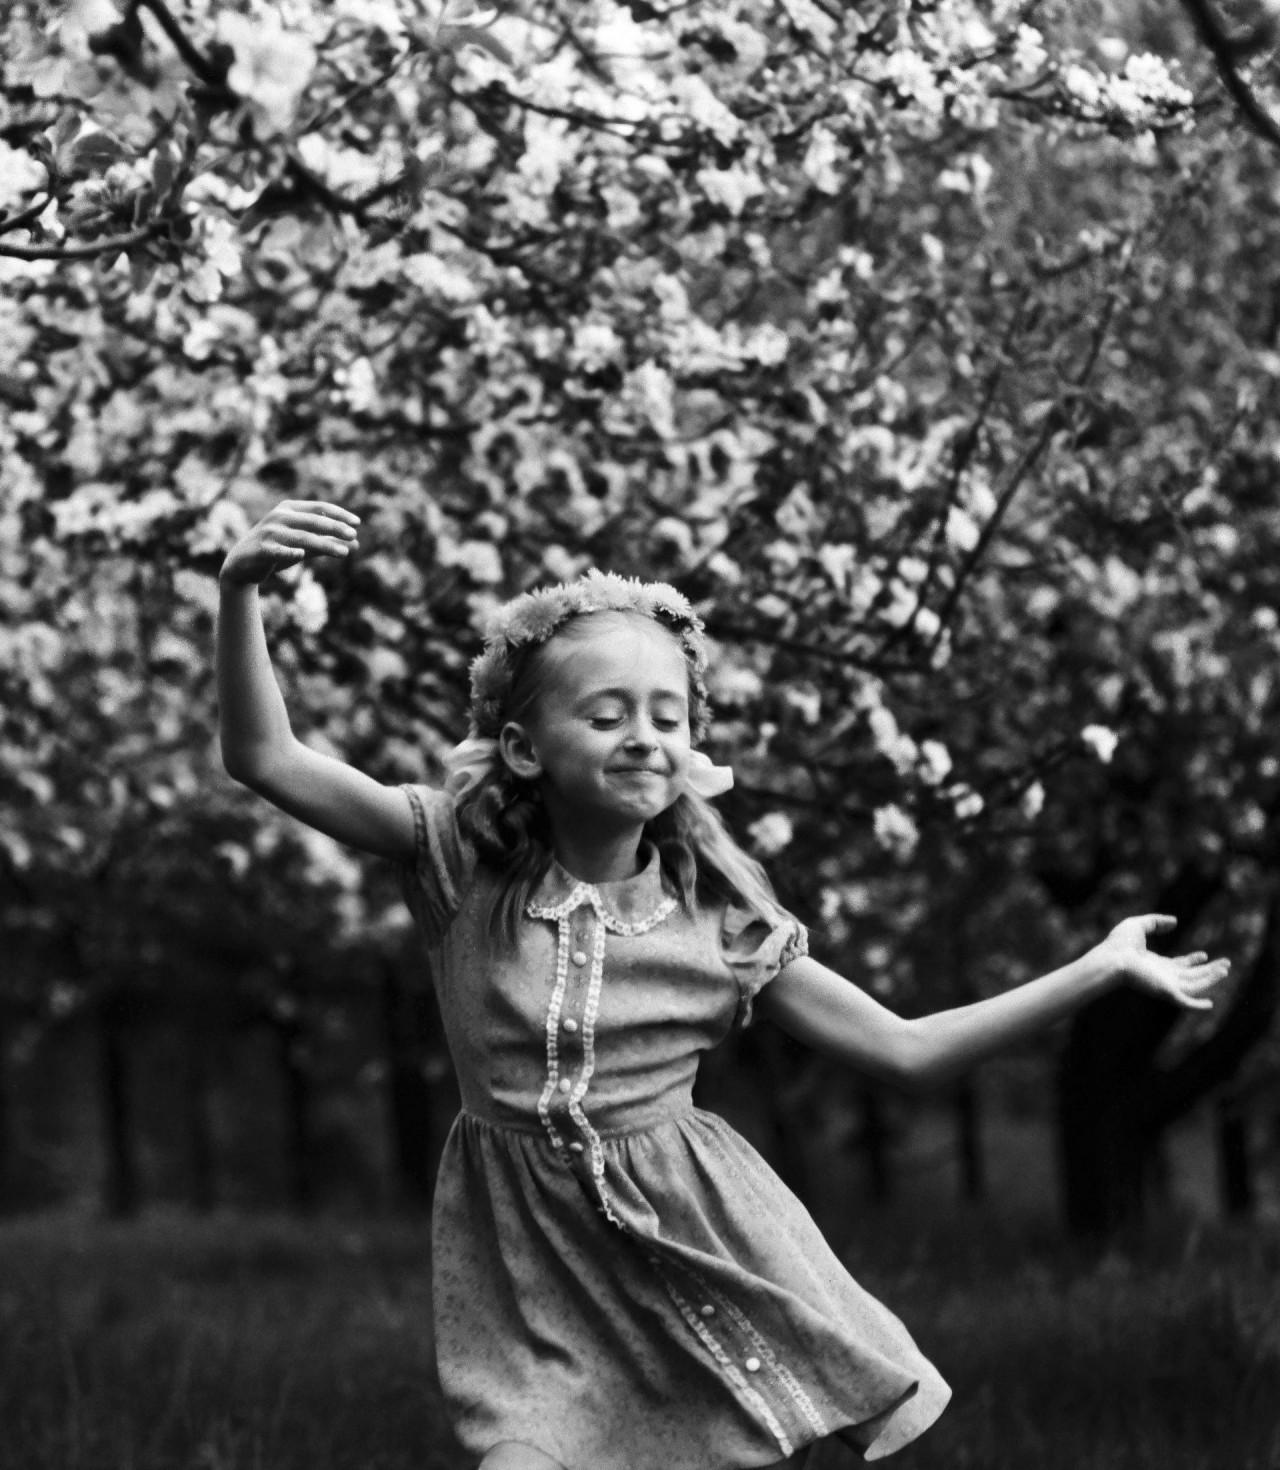 Из серии «Цветение», 1974 – 1984. Фотограф Ромуальдас Ракаускас